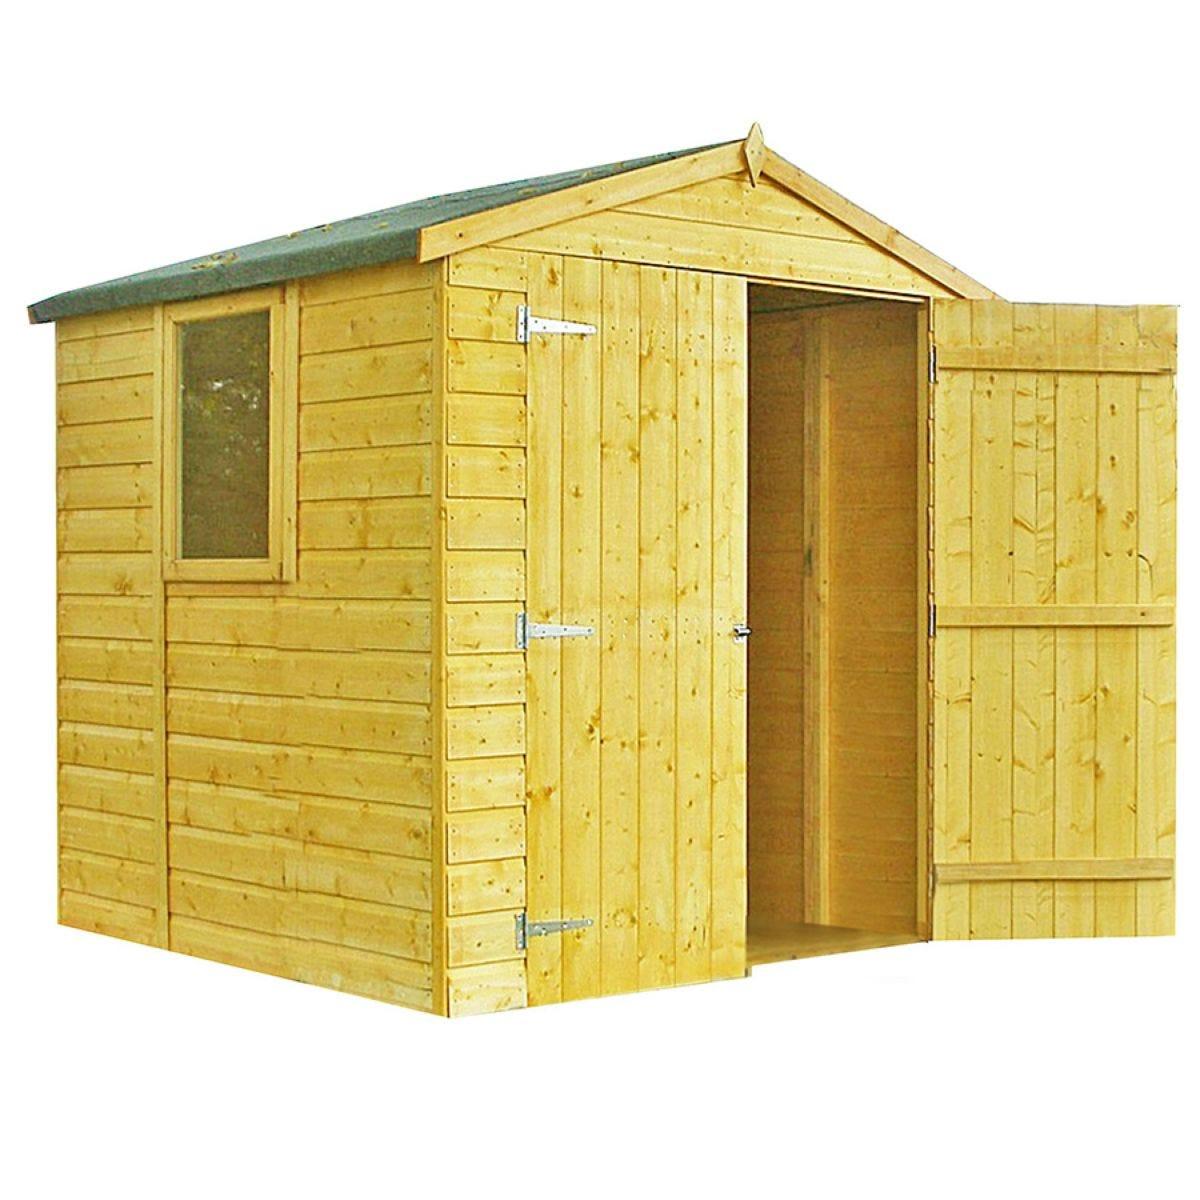 Shire Arran 6ft X 6ft Wooden Apex Garden Shed Robert Dyas